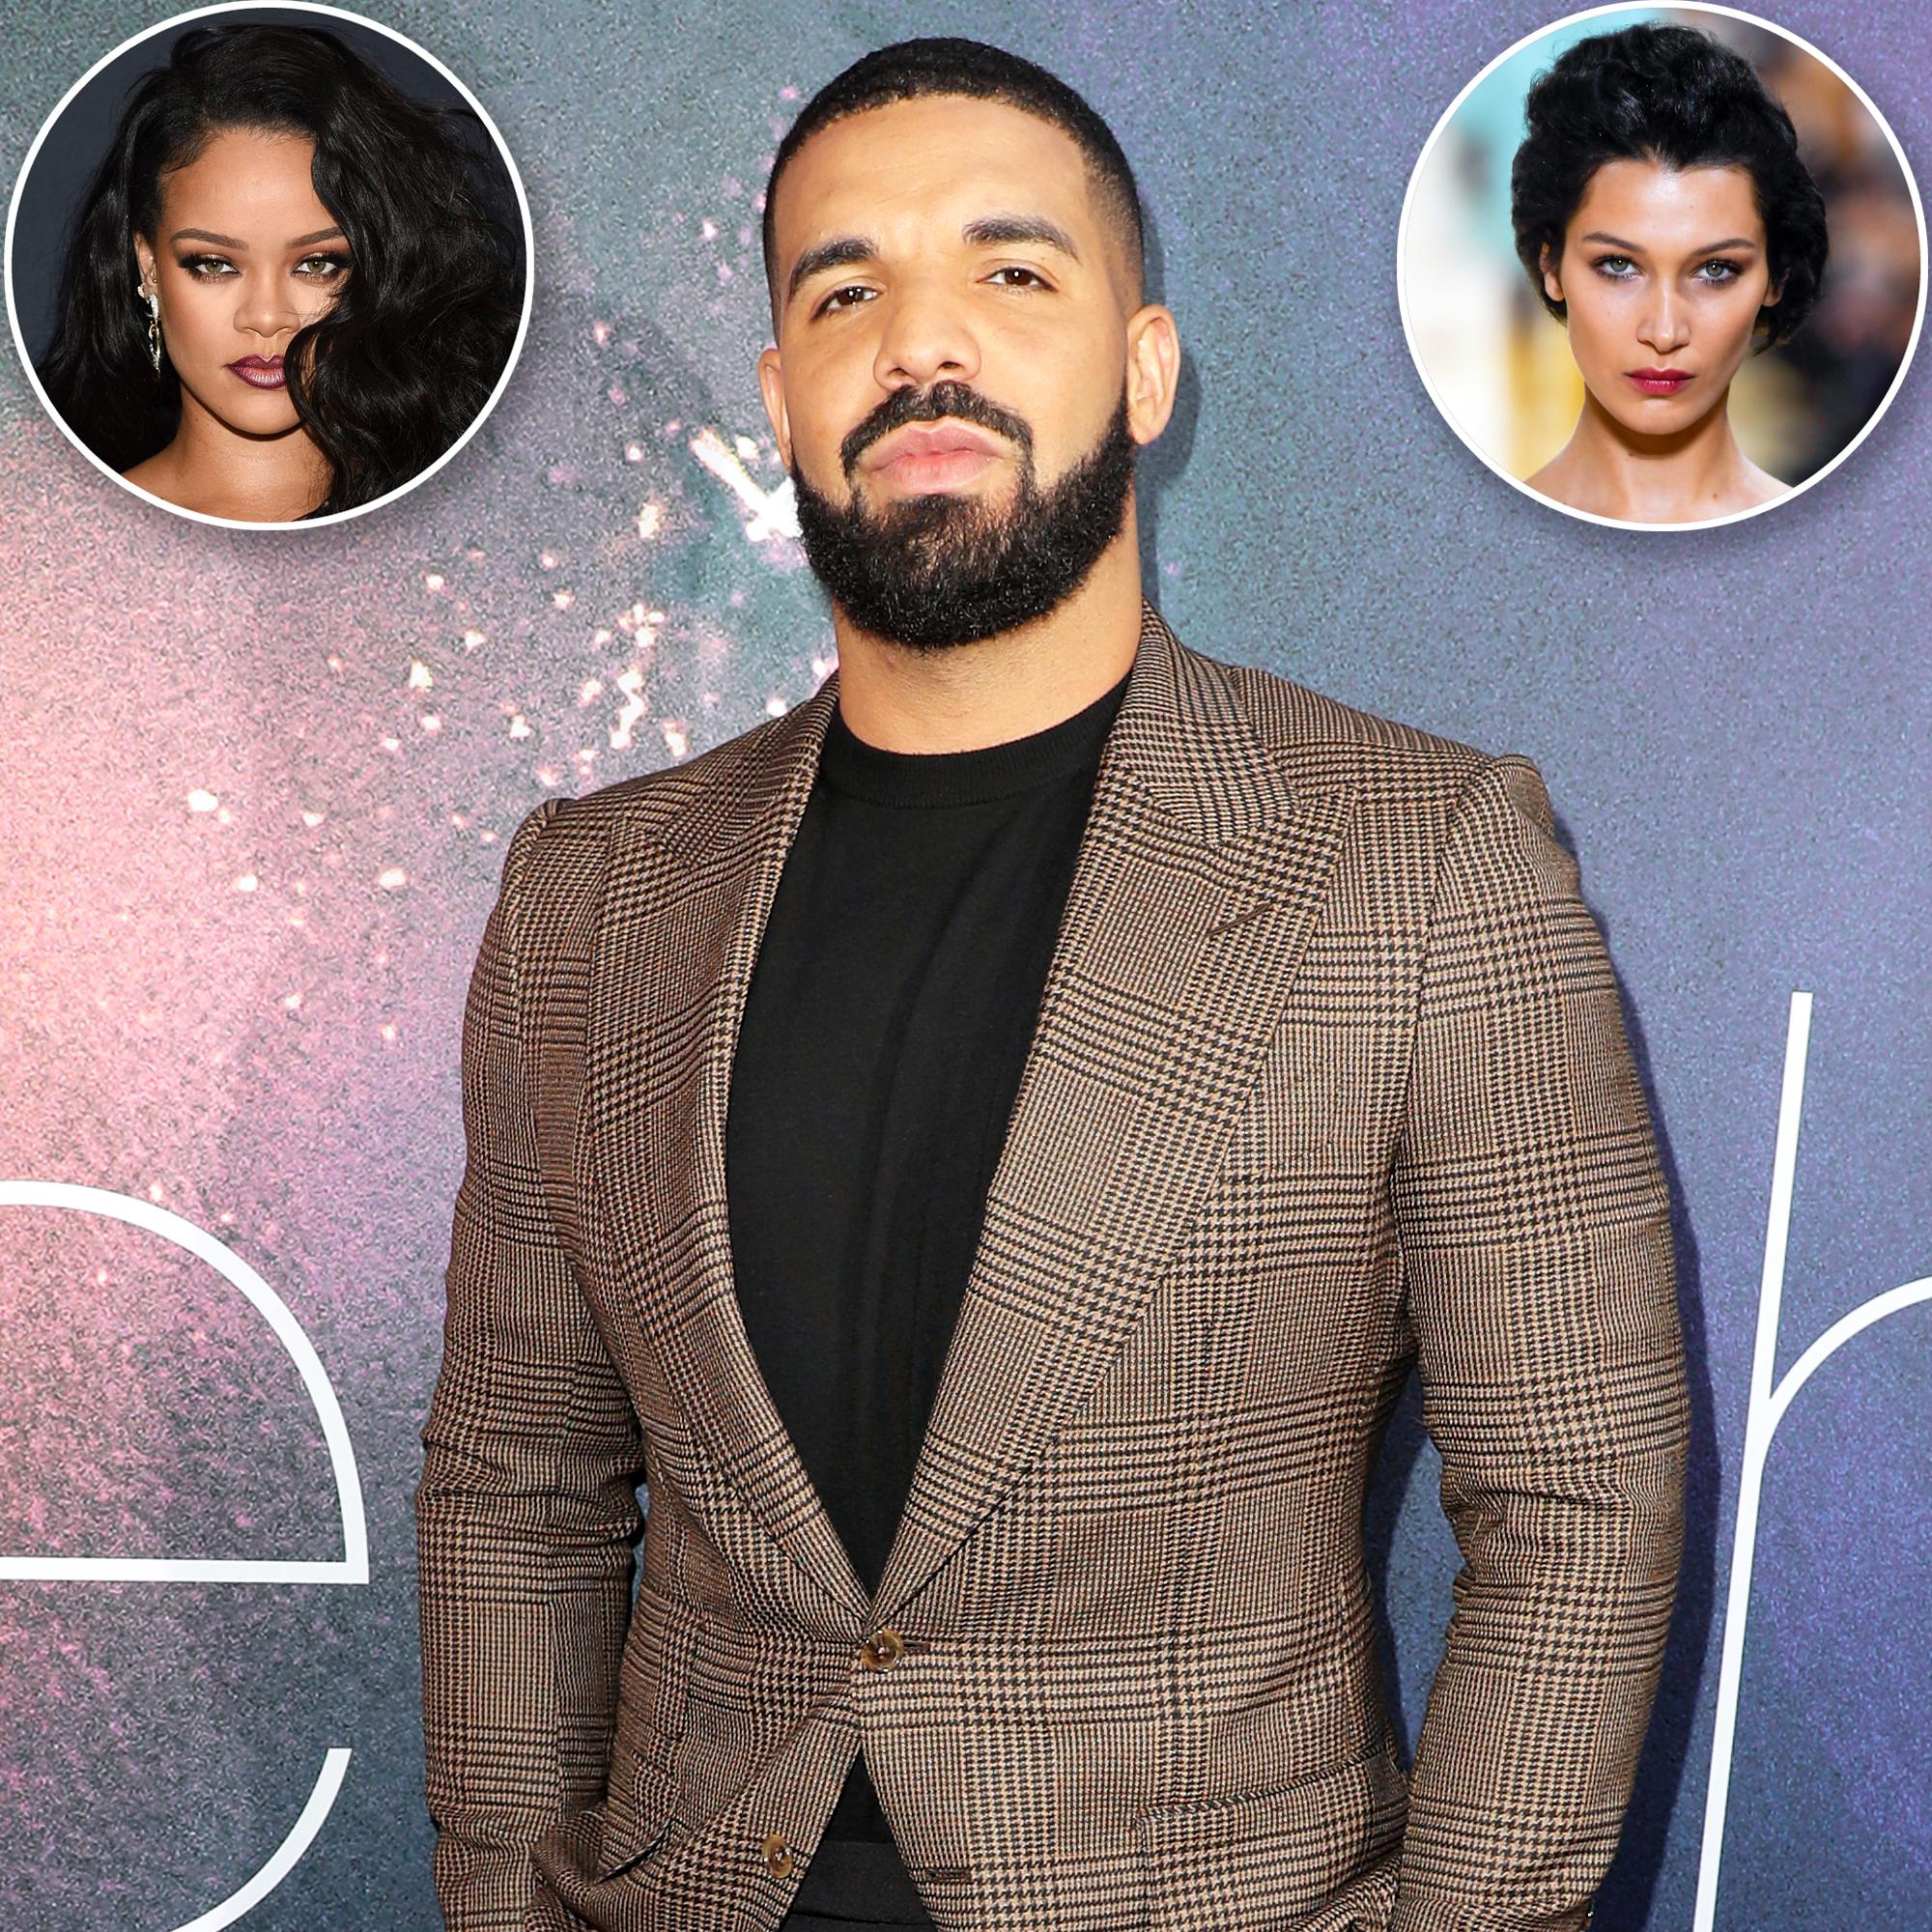 drake och Rihanna dating första nationer dating hem sida